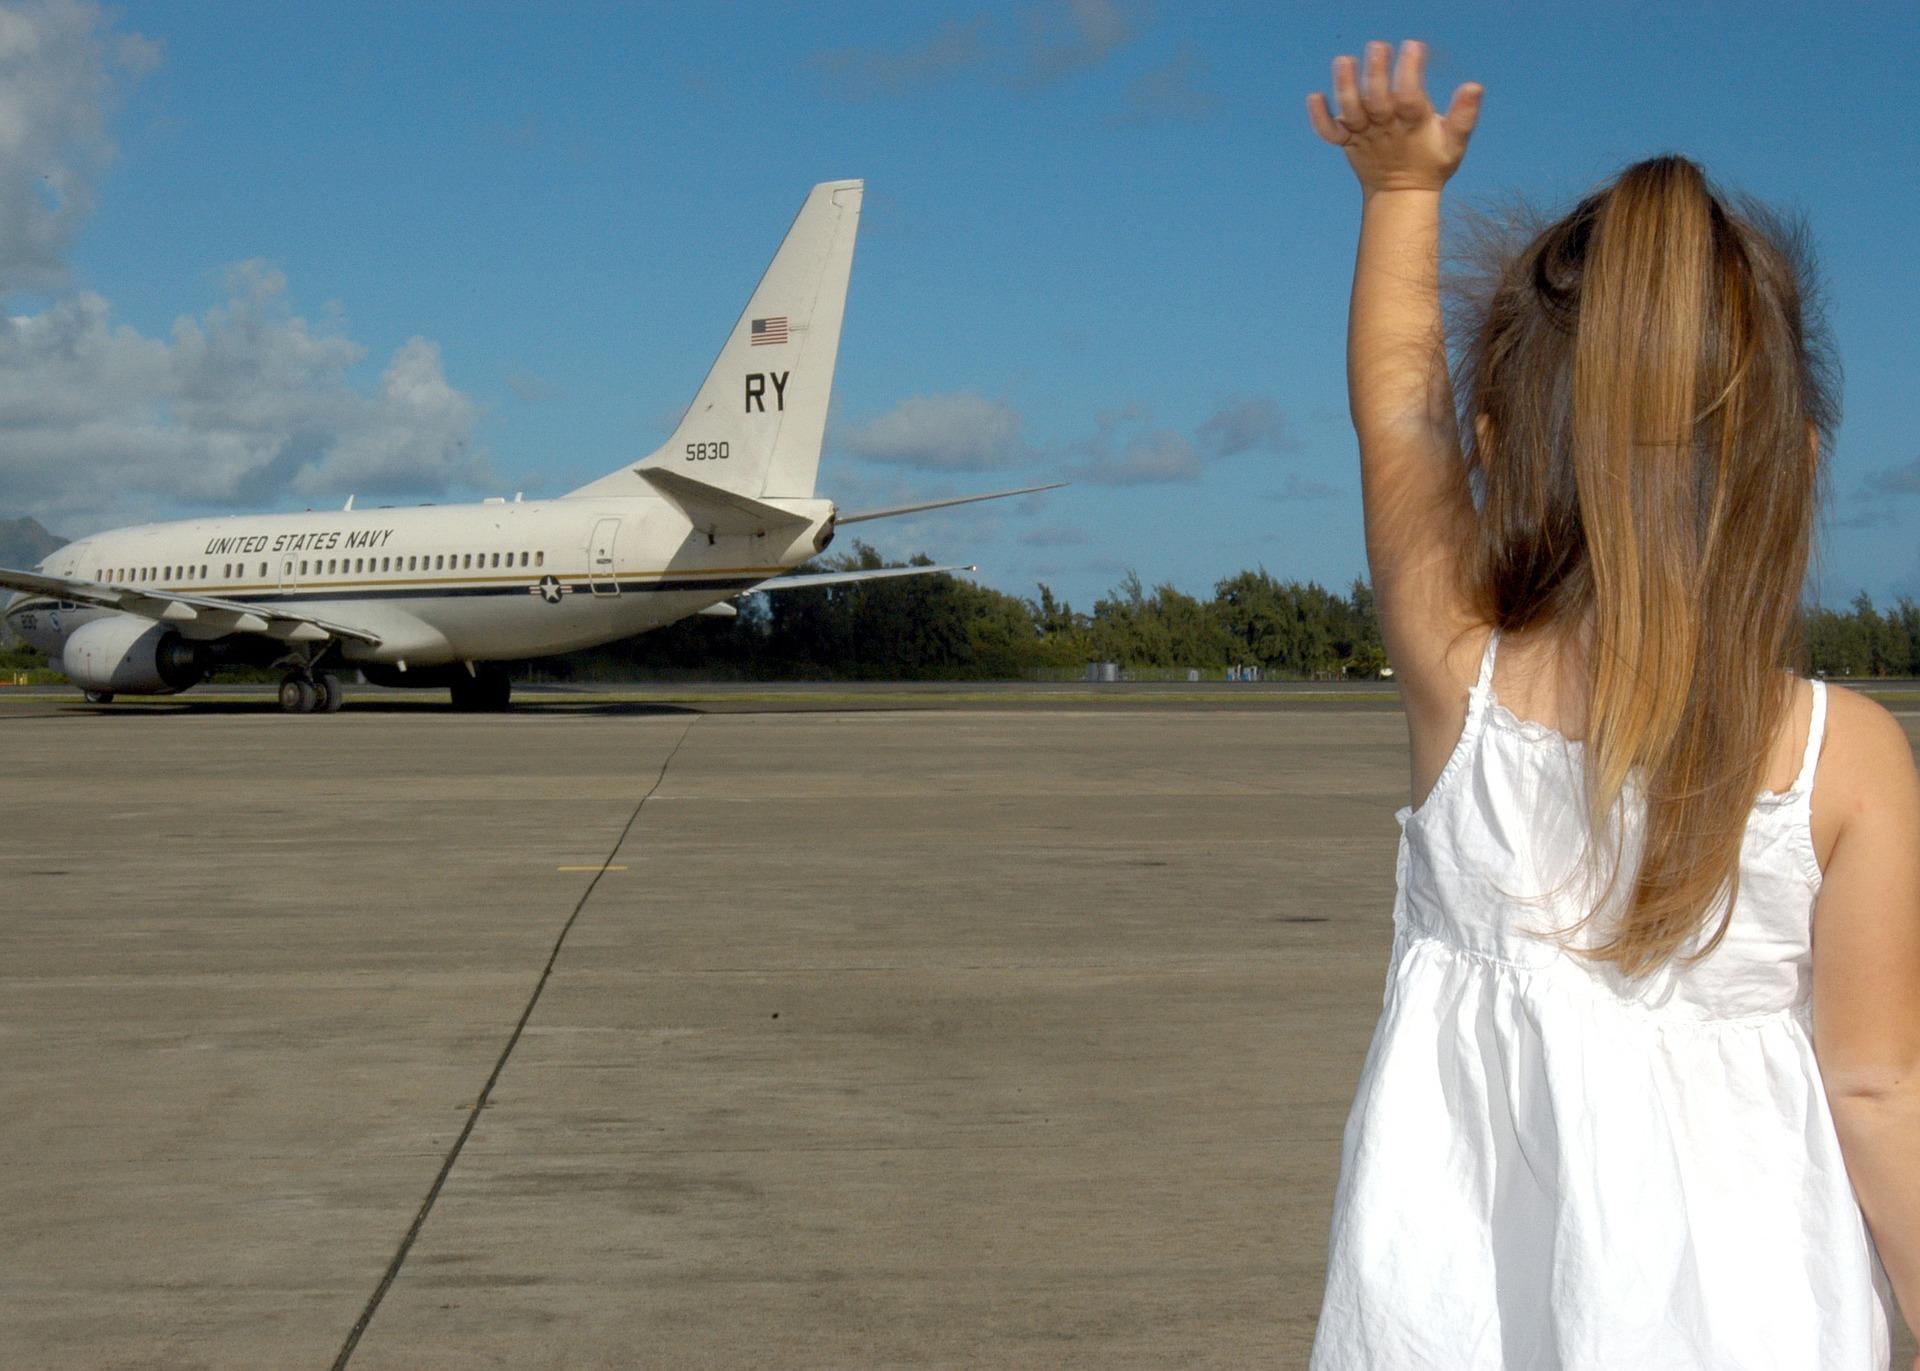 child-waving-goodbye-595429_1920